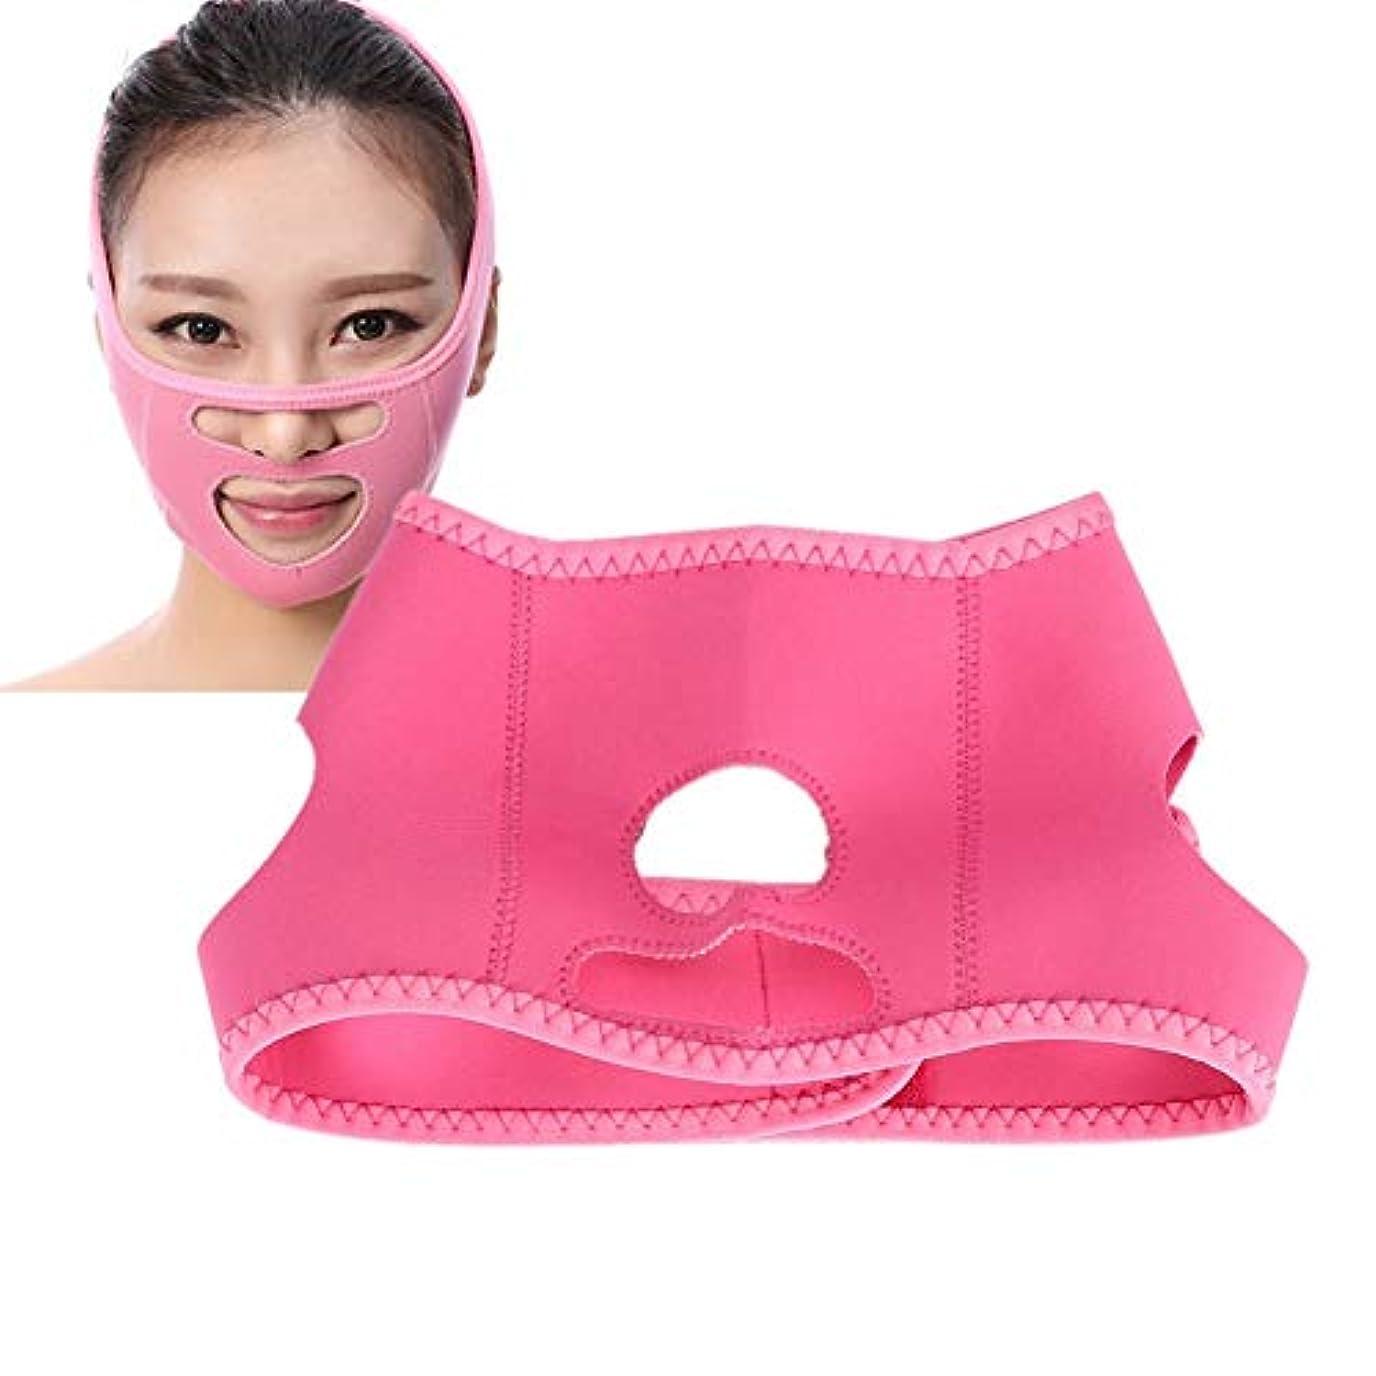 コンサート国歌天使フェイスマスク 低反発素材 通気 小顔 矯正 顔痩せ 筋肉弛緩 二重あご 補正ベルト